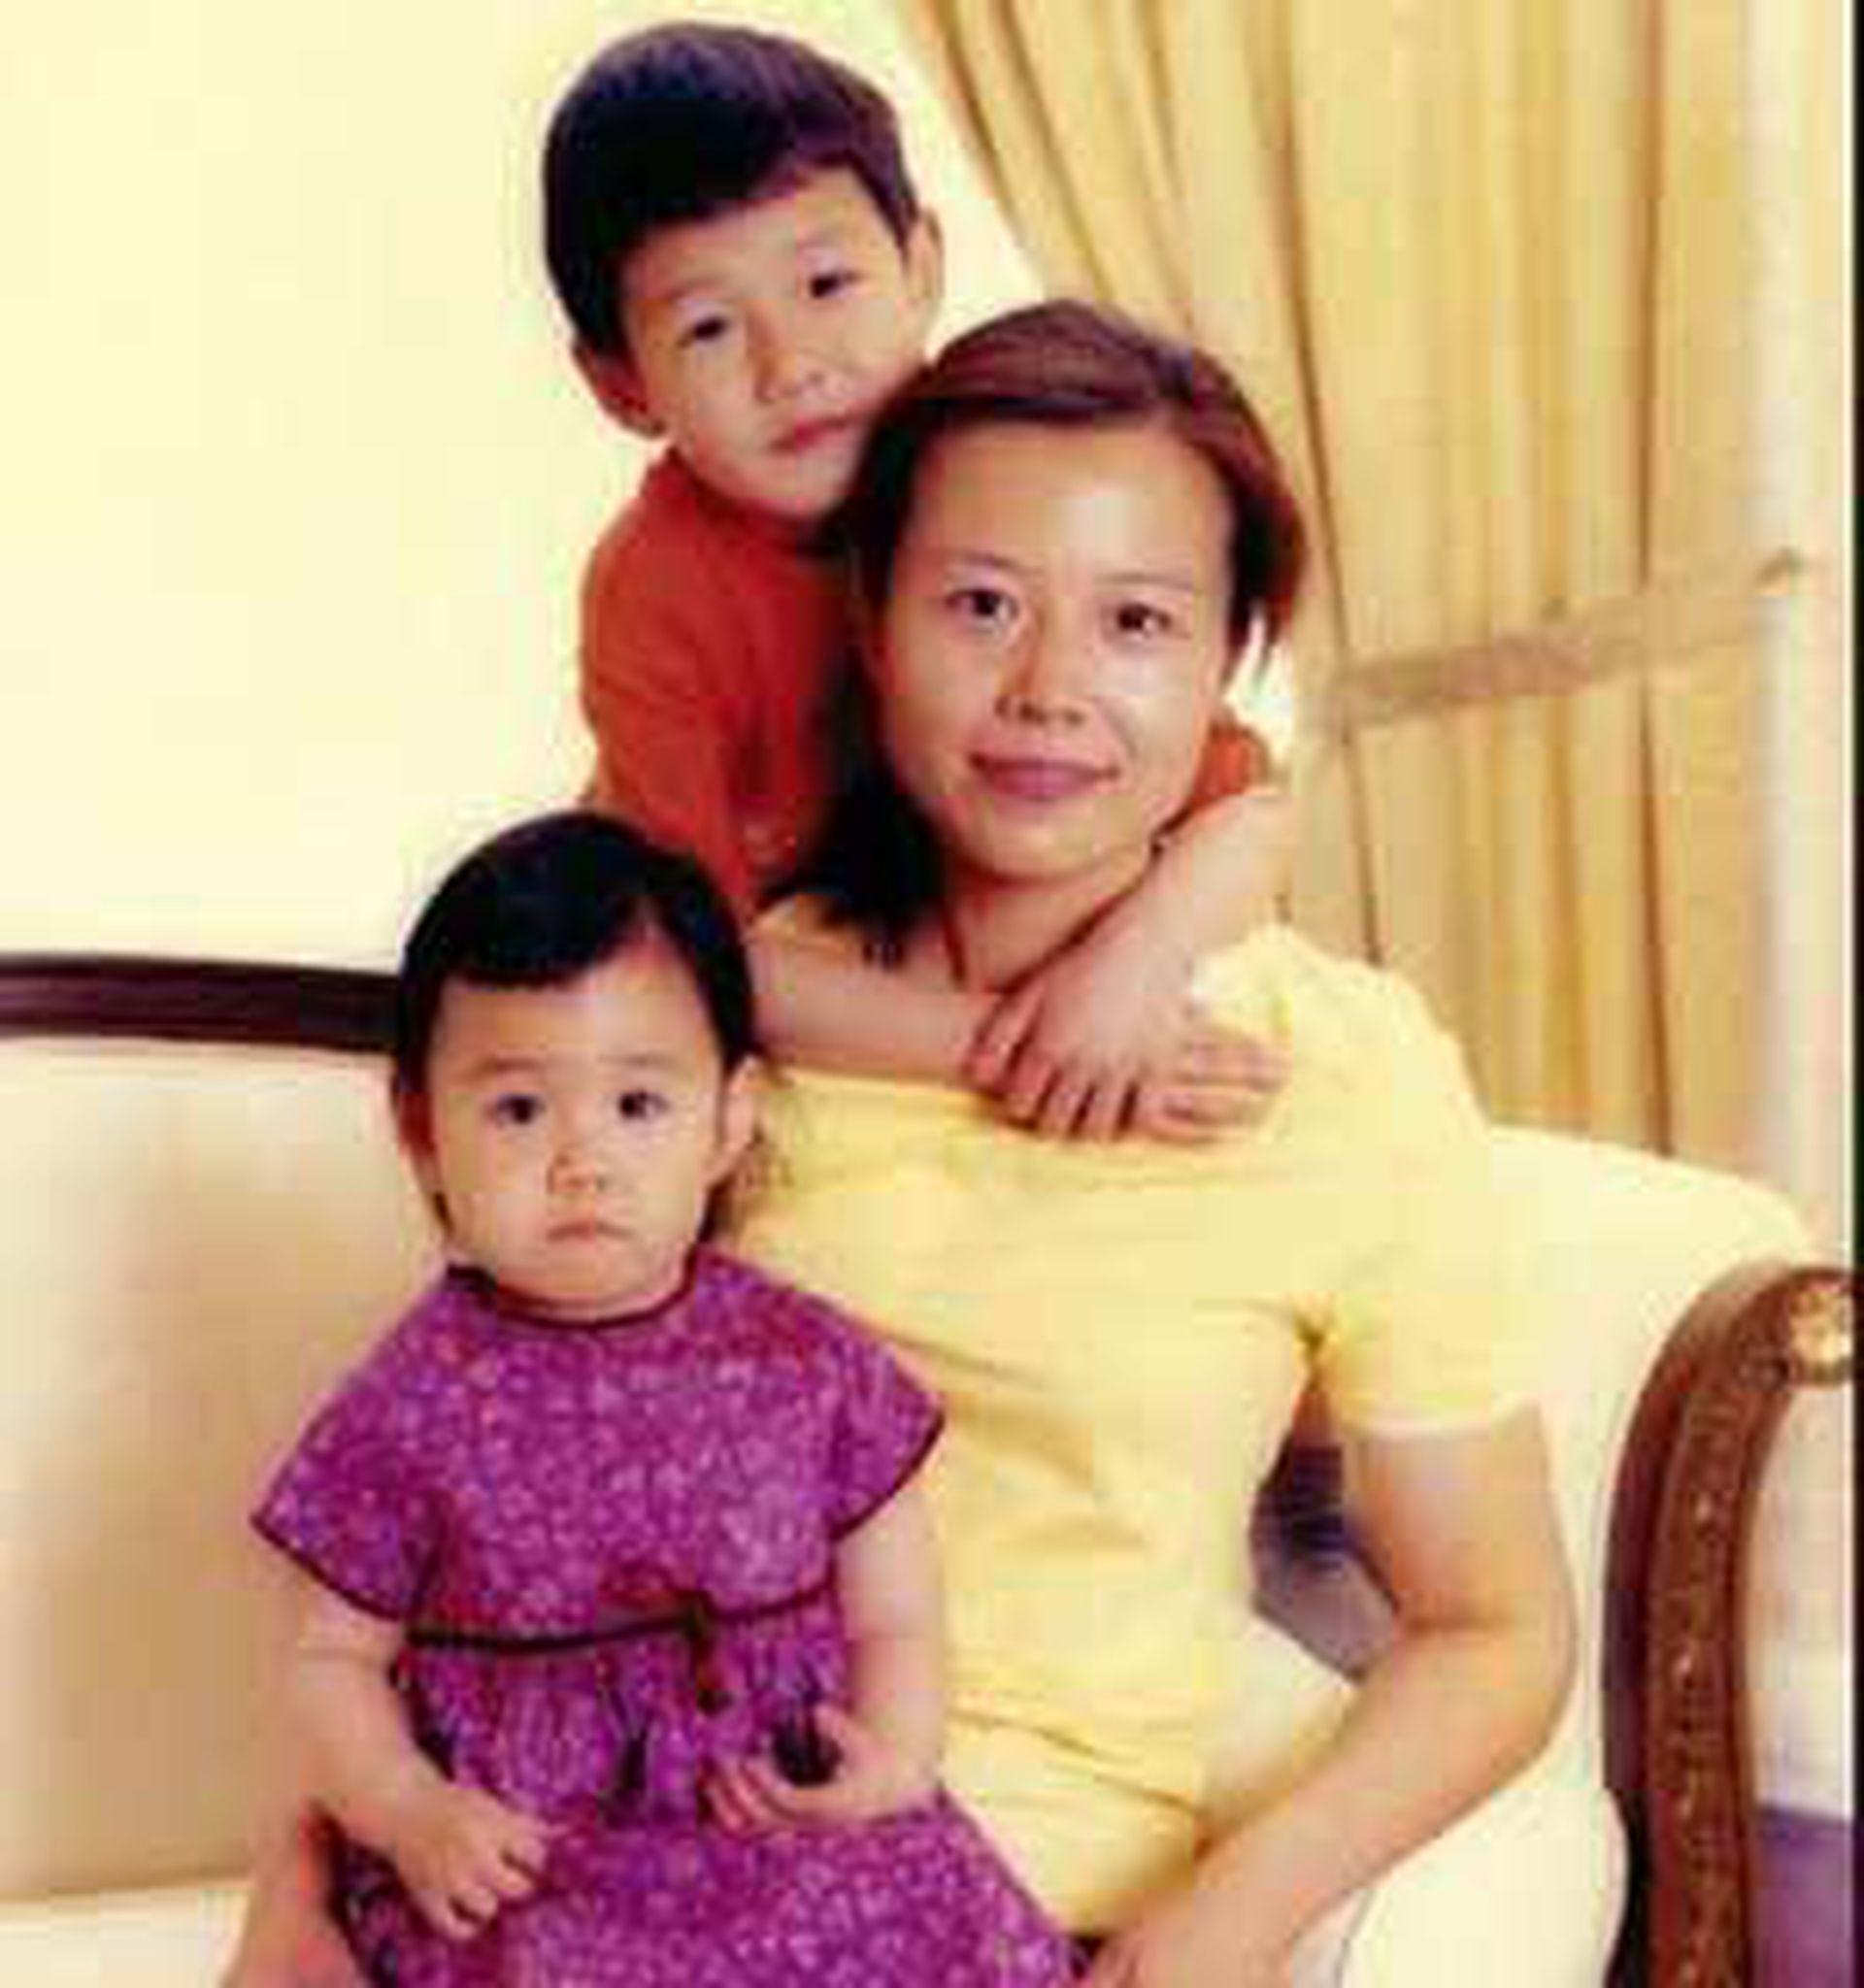 陈怡与其子女。(微博@郝海东)